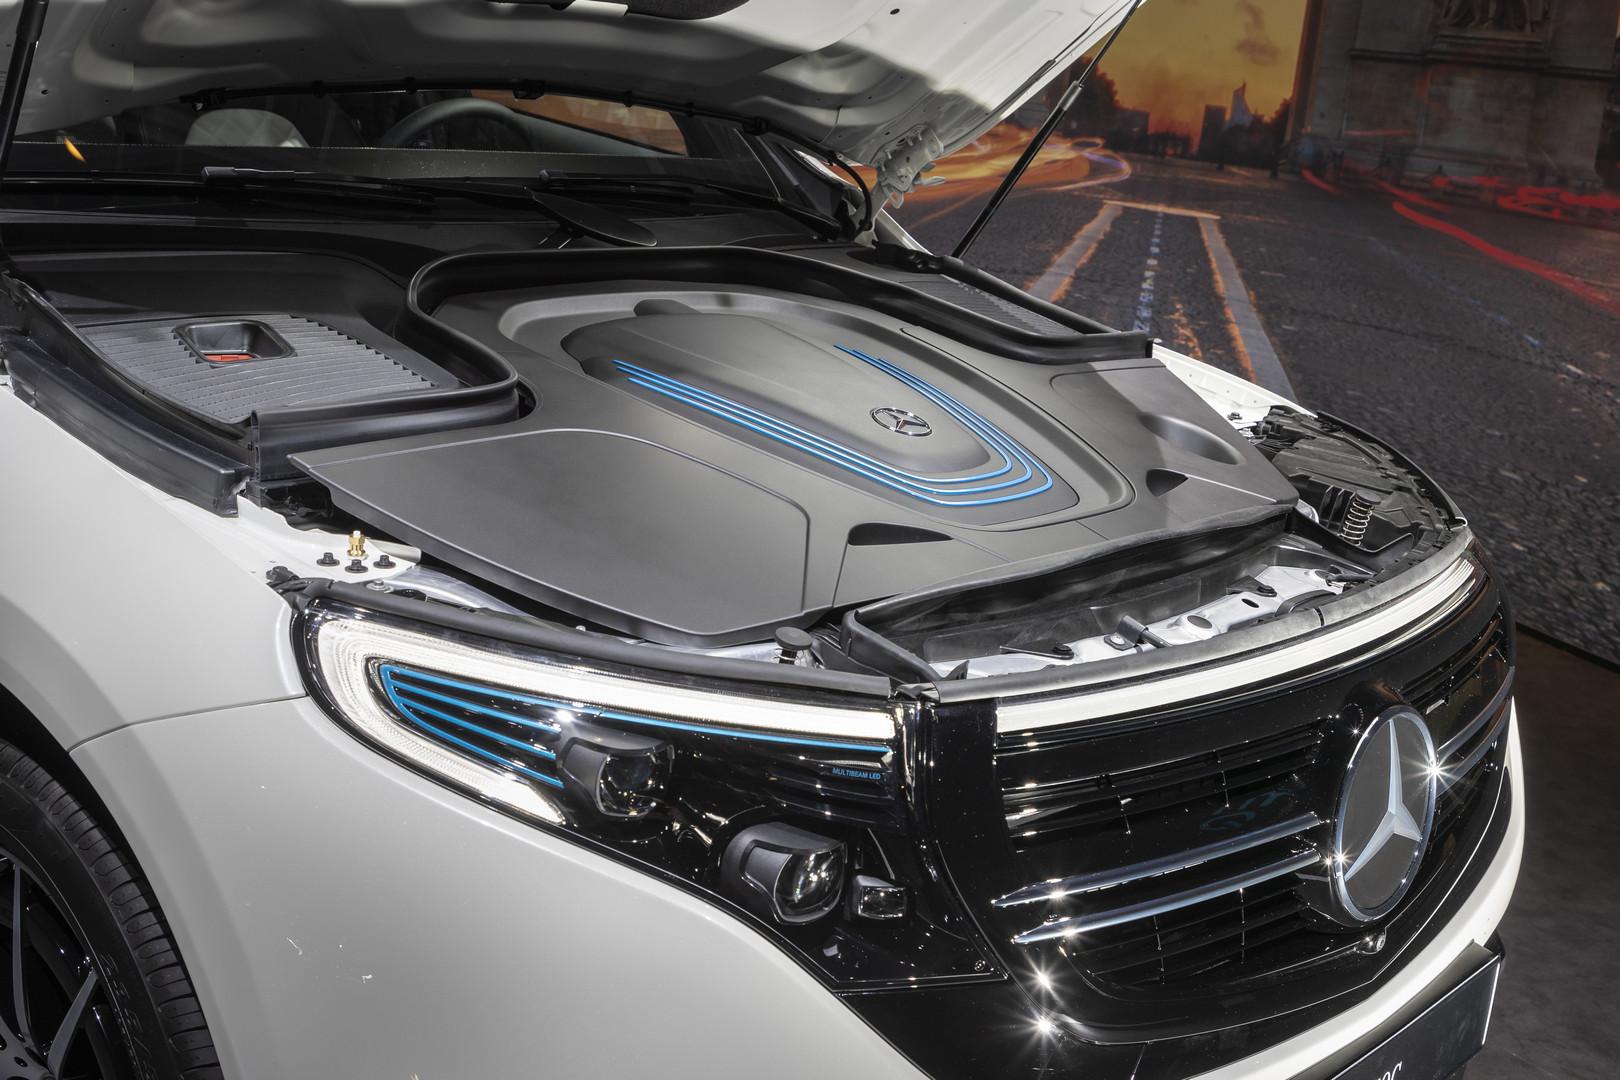 2019 Mercedes-Benz EQC bonnet